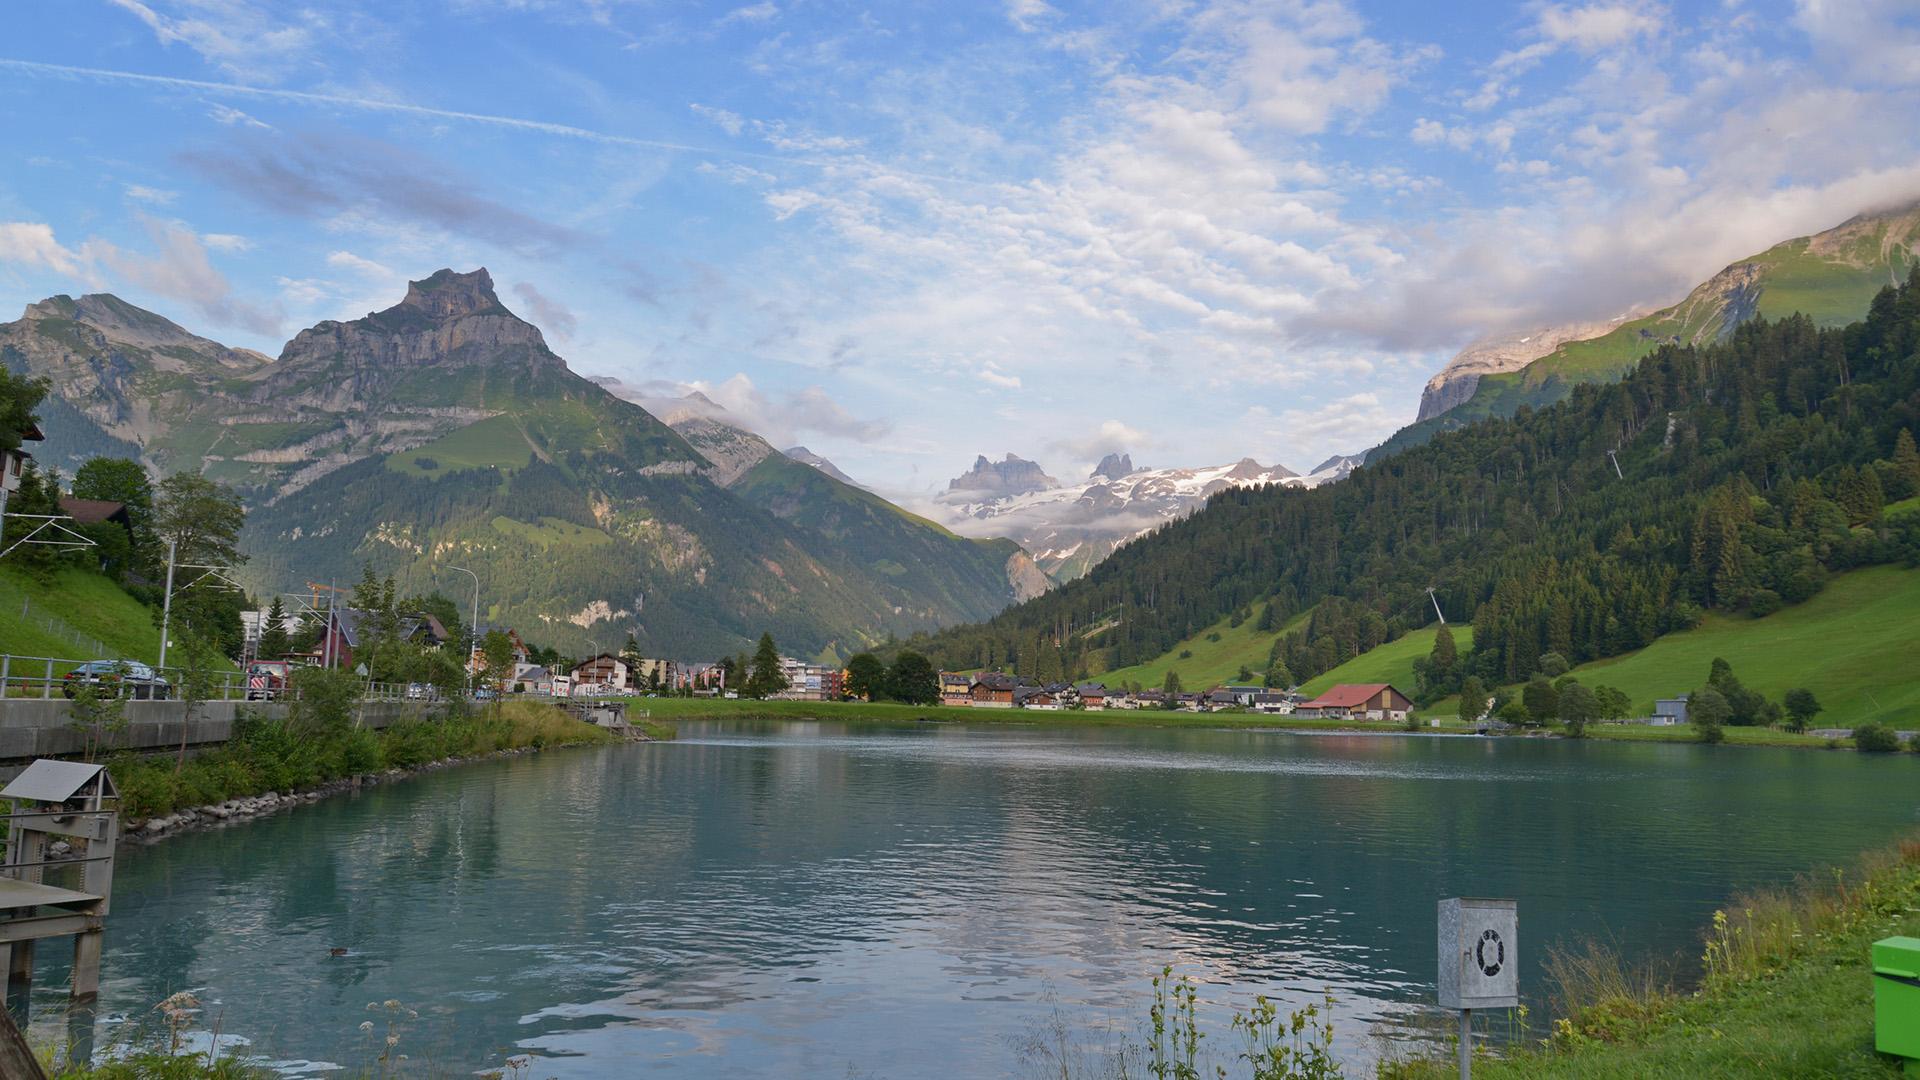 风景大片,自然风光,湖,山脚,山谷,城郊